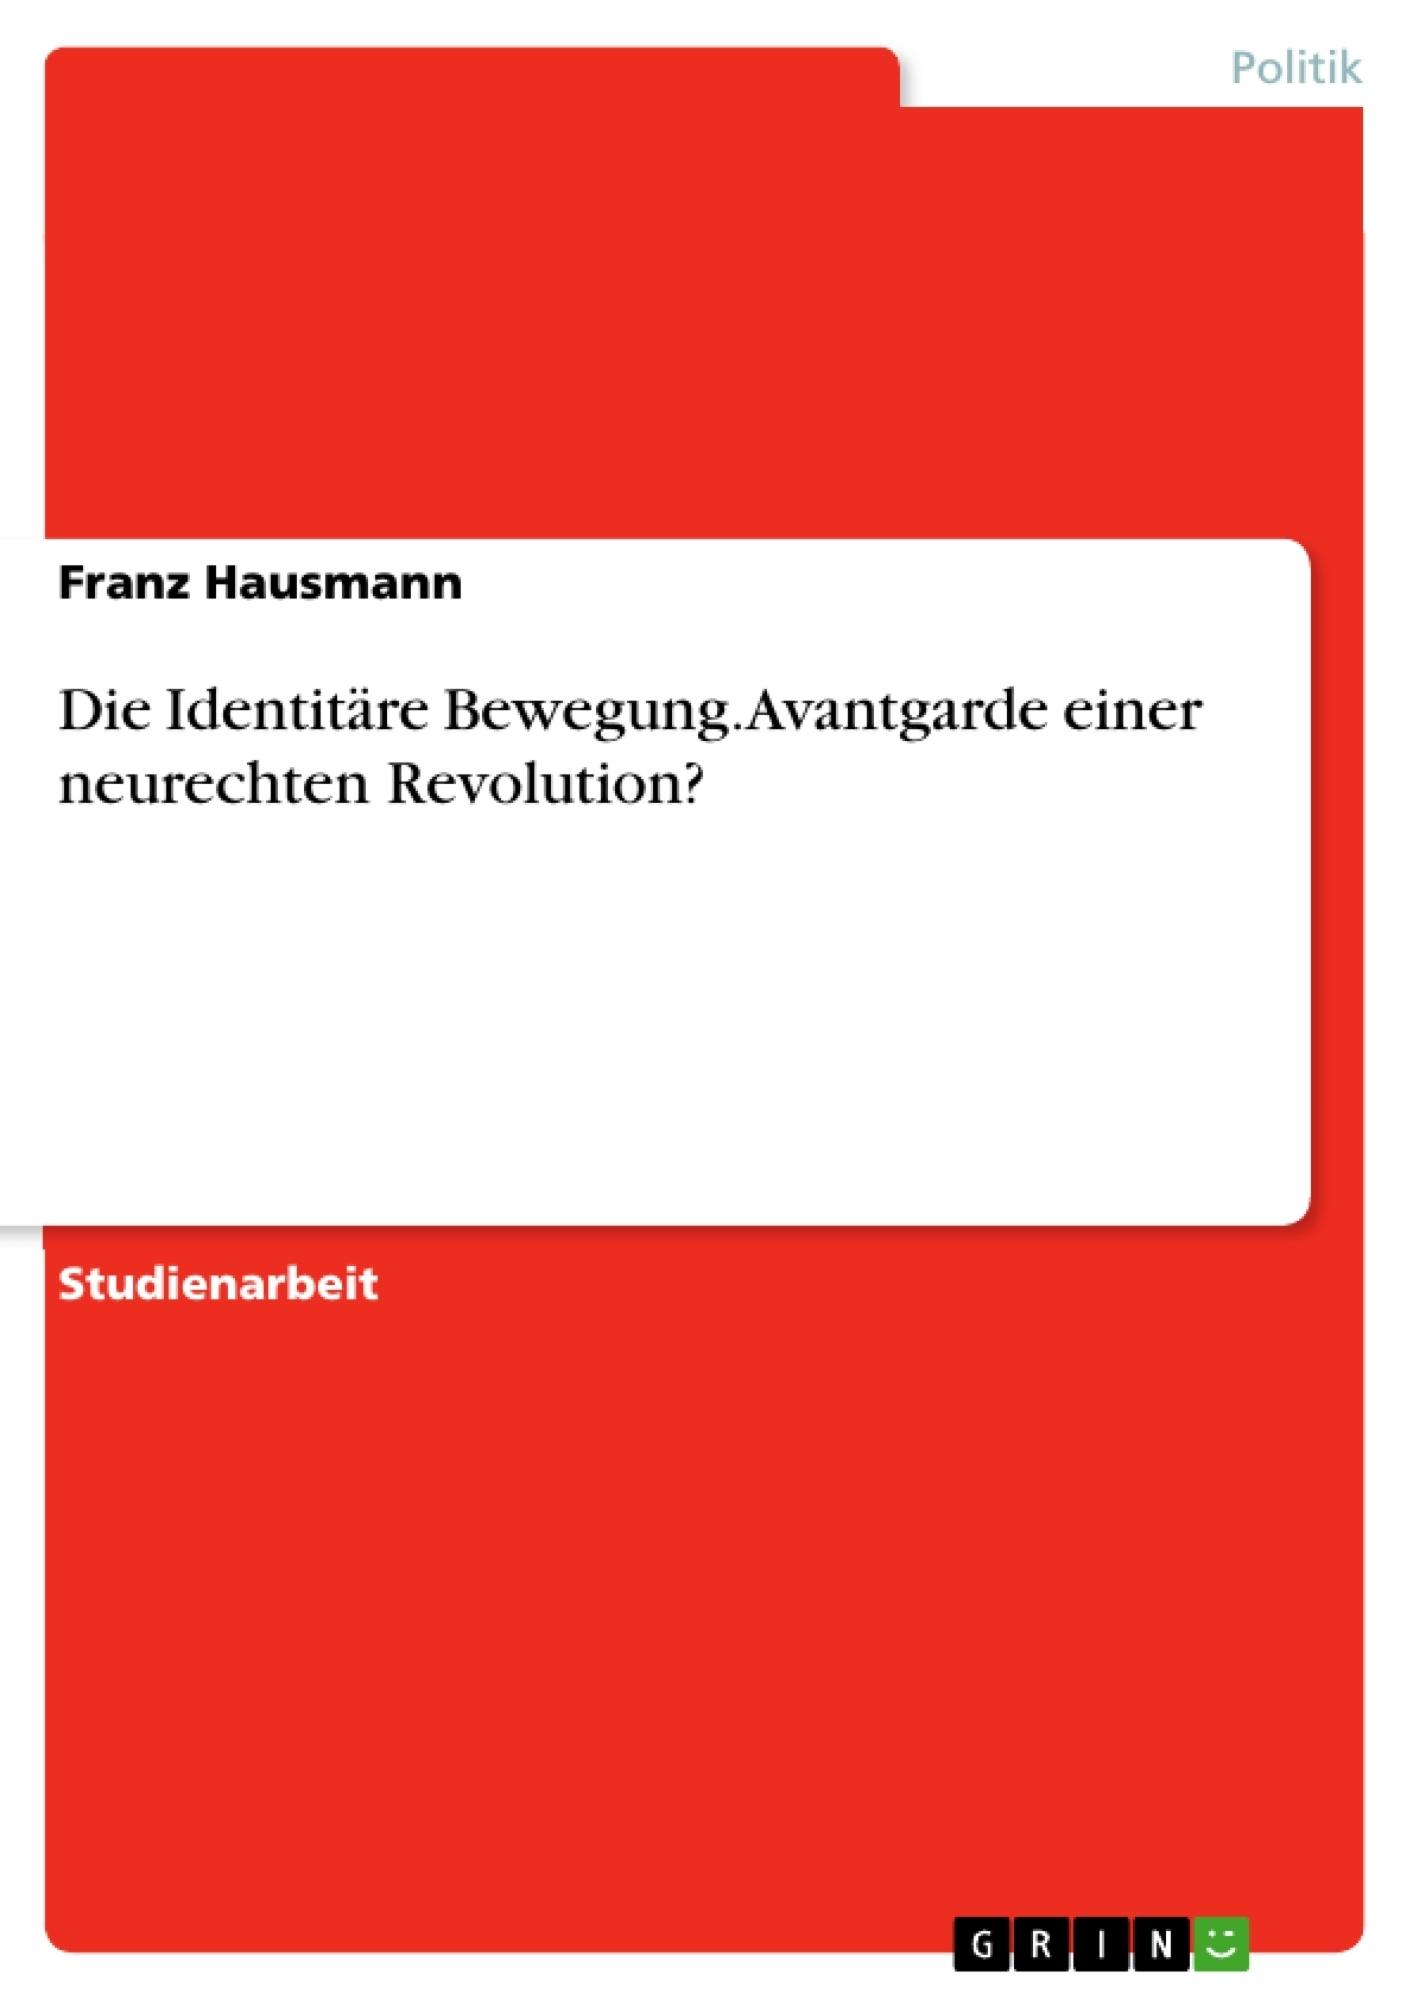 Titel: Die Identitäre Bewegung. Avantgarde einer neurechten Revolution?